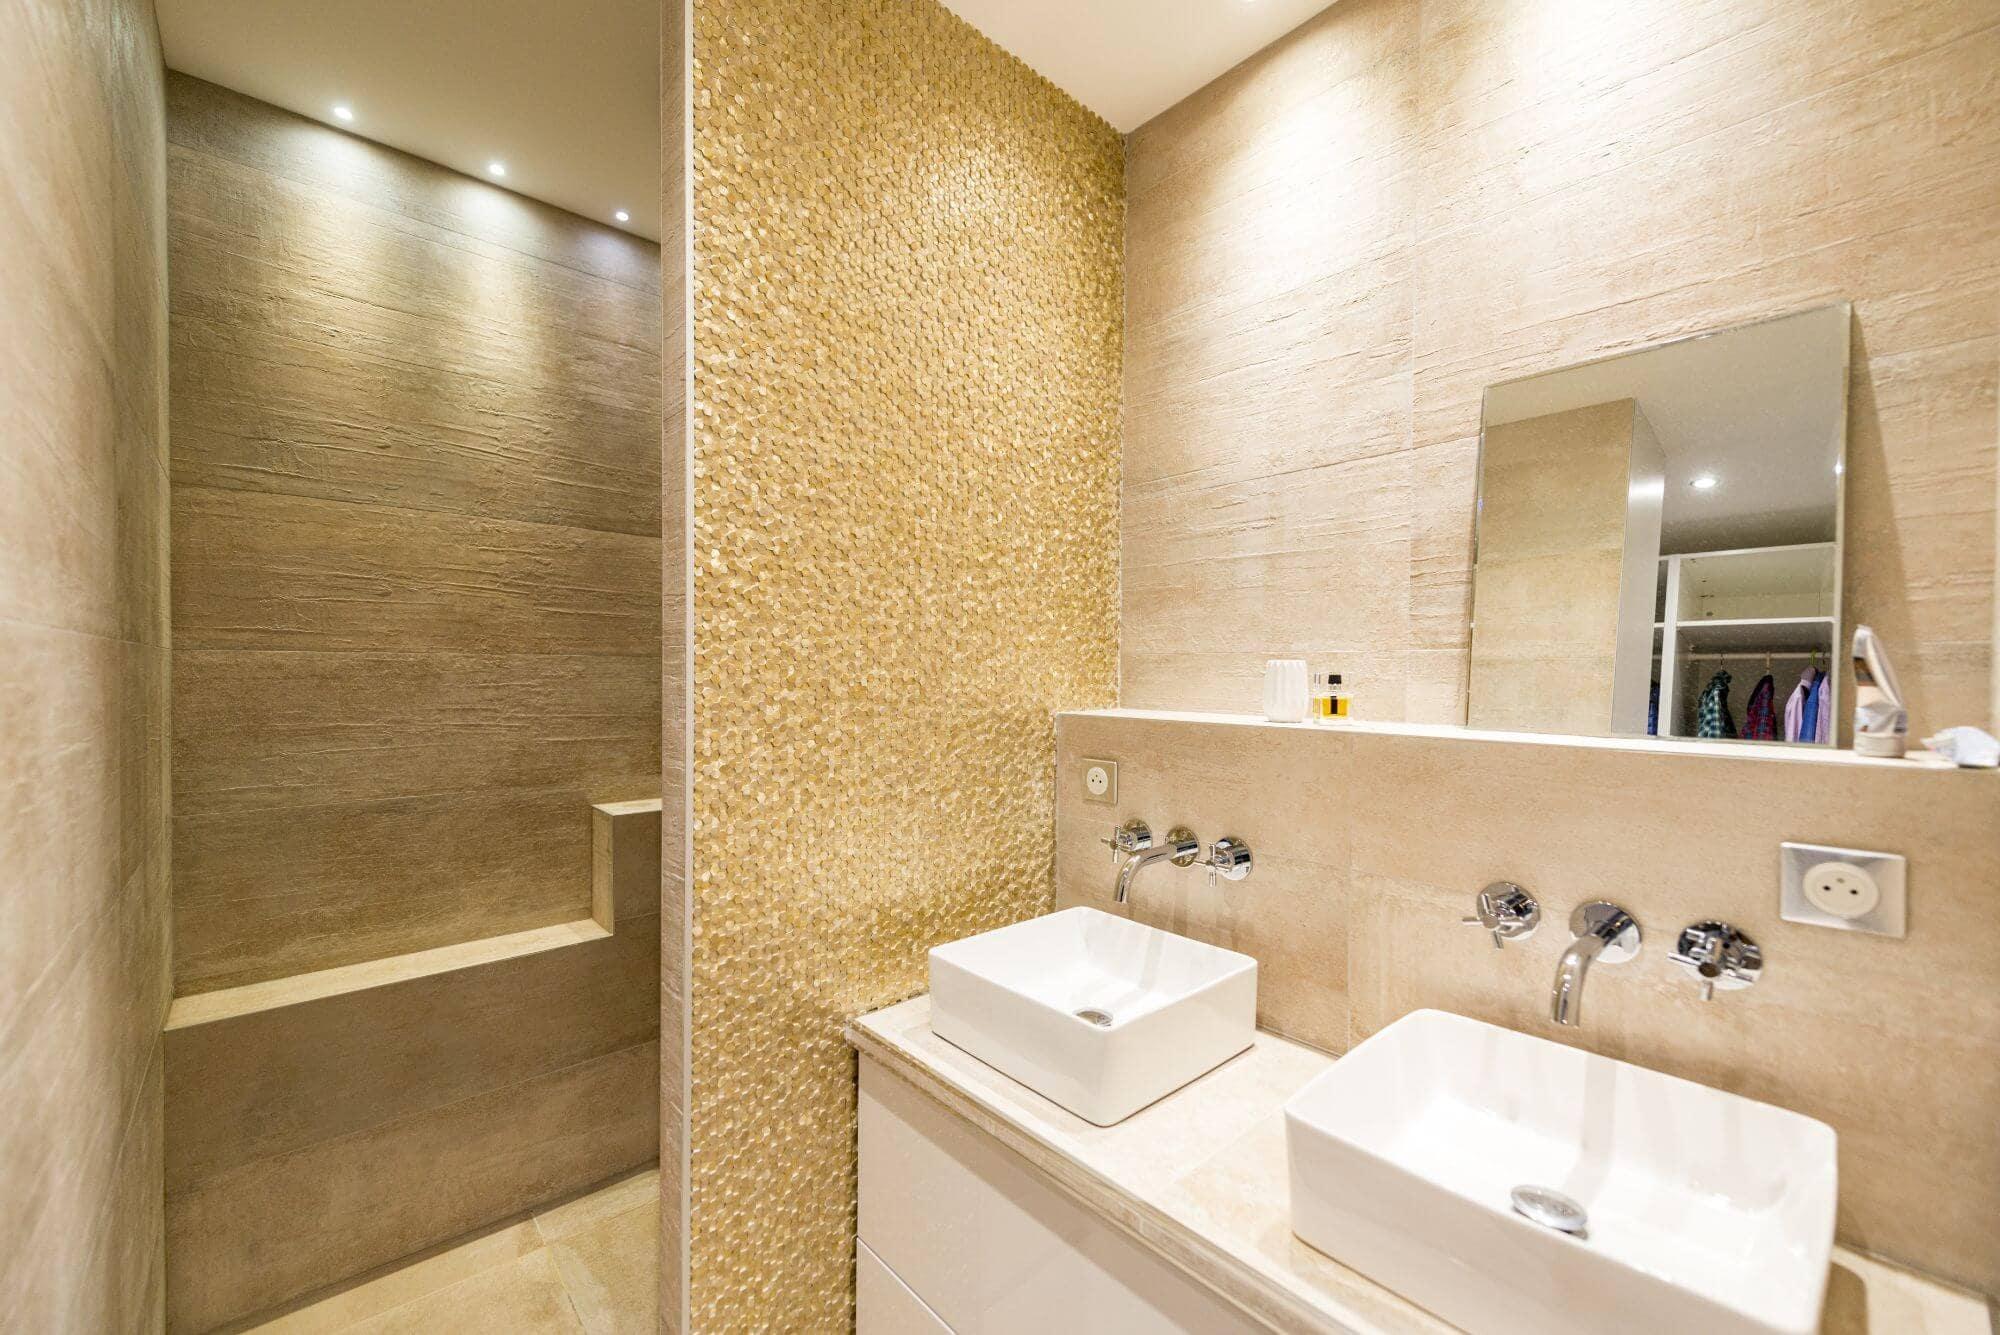 Salle de bain, Double vasque, rénovation, Toulouse, Saint Exupéry